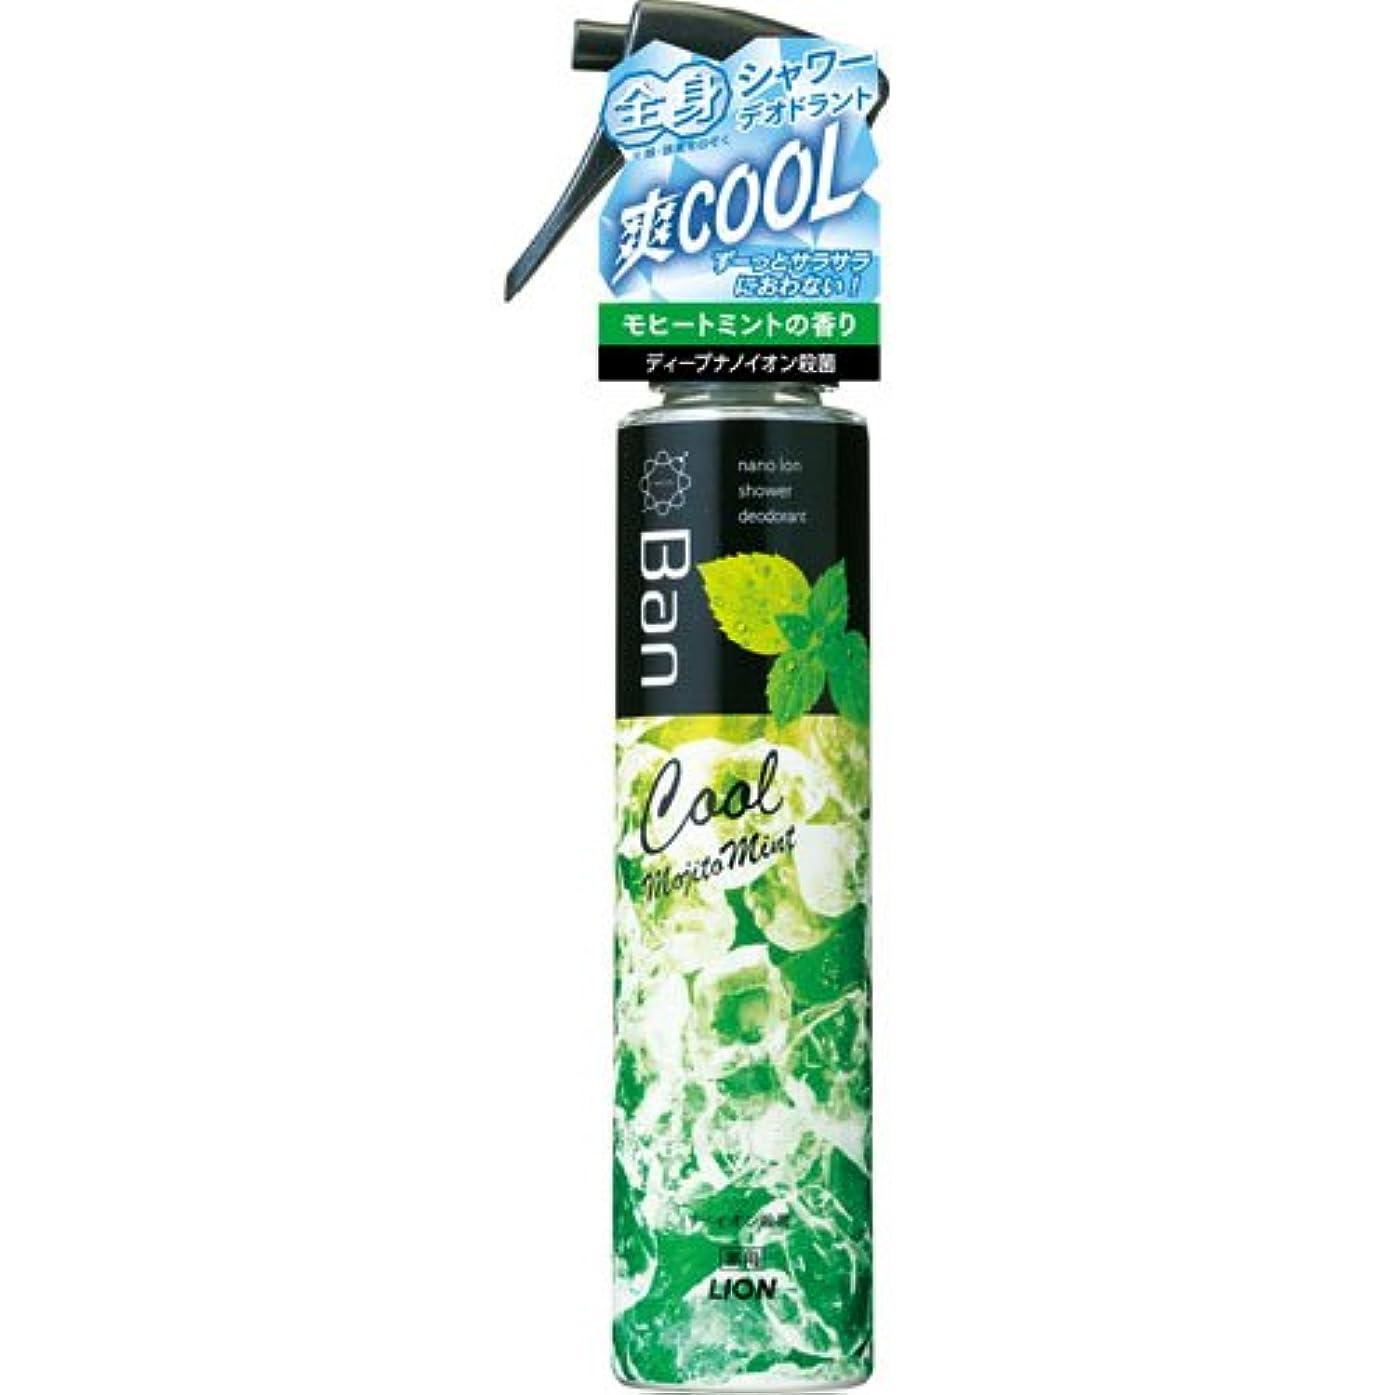 星推進、動かす崖Ban シャワーデオドラントクールタイプ モヒートミントの香り 120ml (医薬部外品)